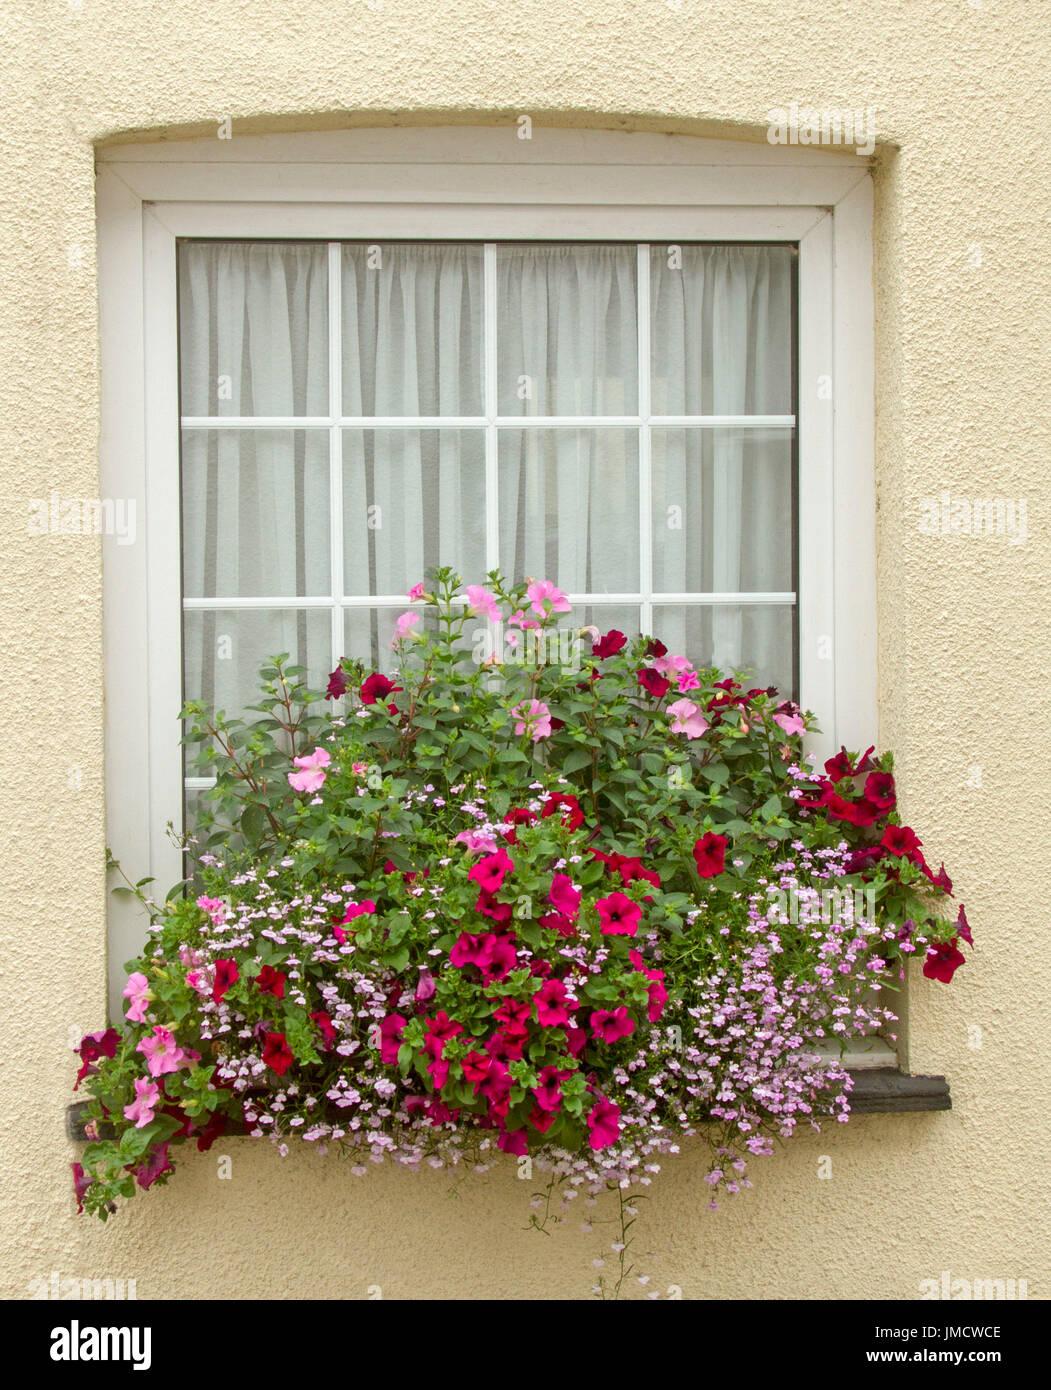 Couleur Vert Emeraude Foncé masse de fleurs aux couleurs vives, inc. rouge foncé et de